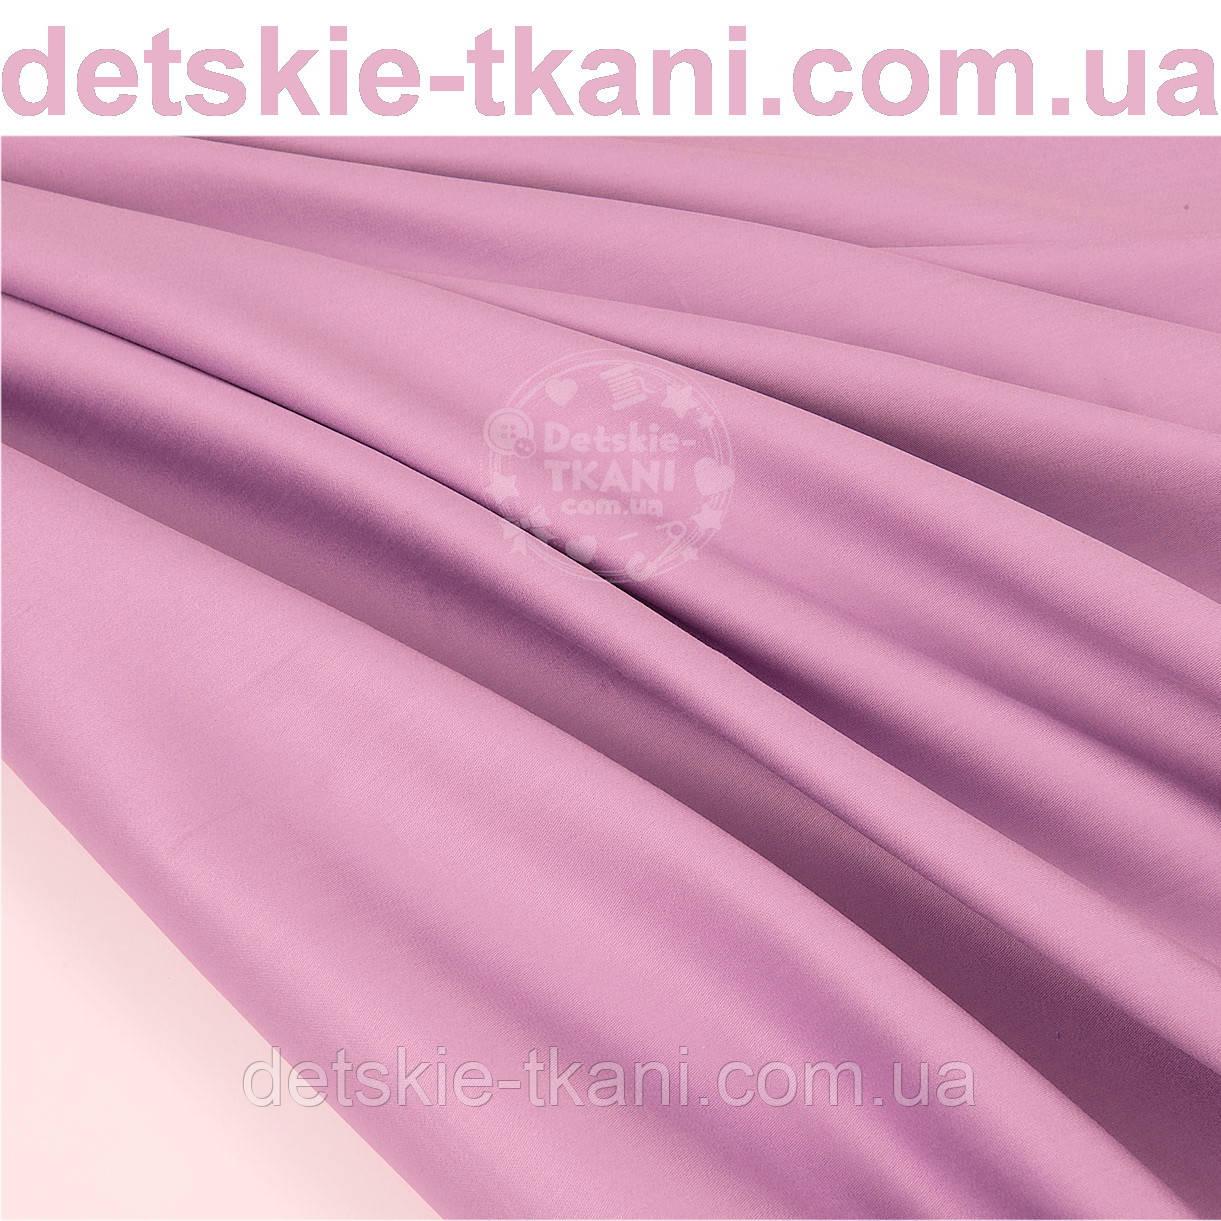 Сатин премиум, цвет фиалковый, ширина 240 см (№1087)